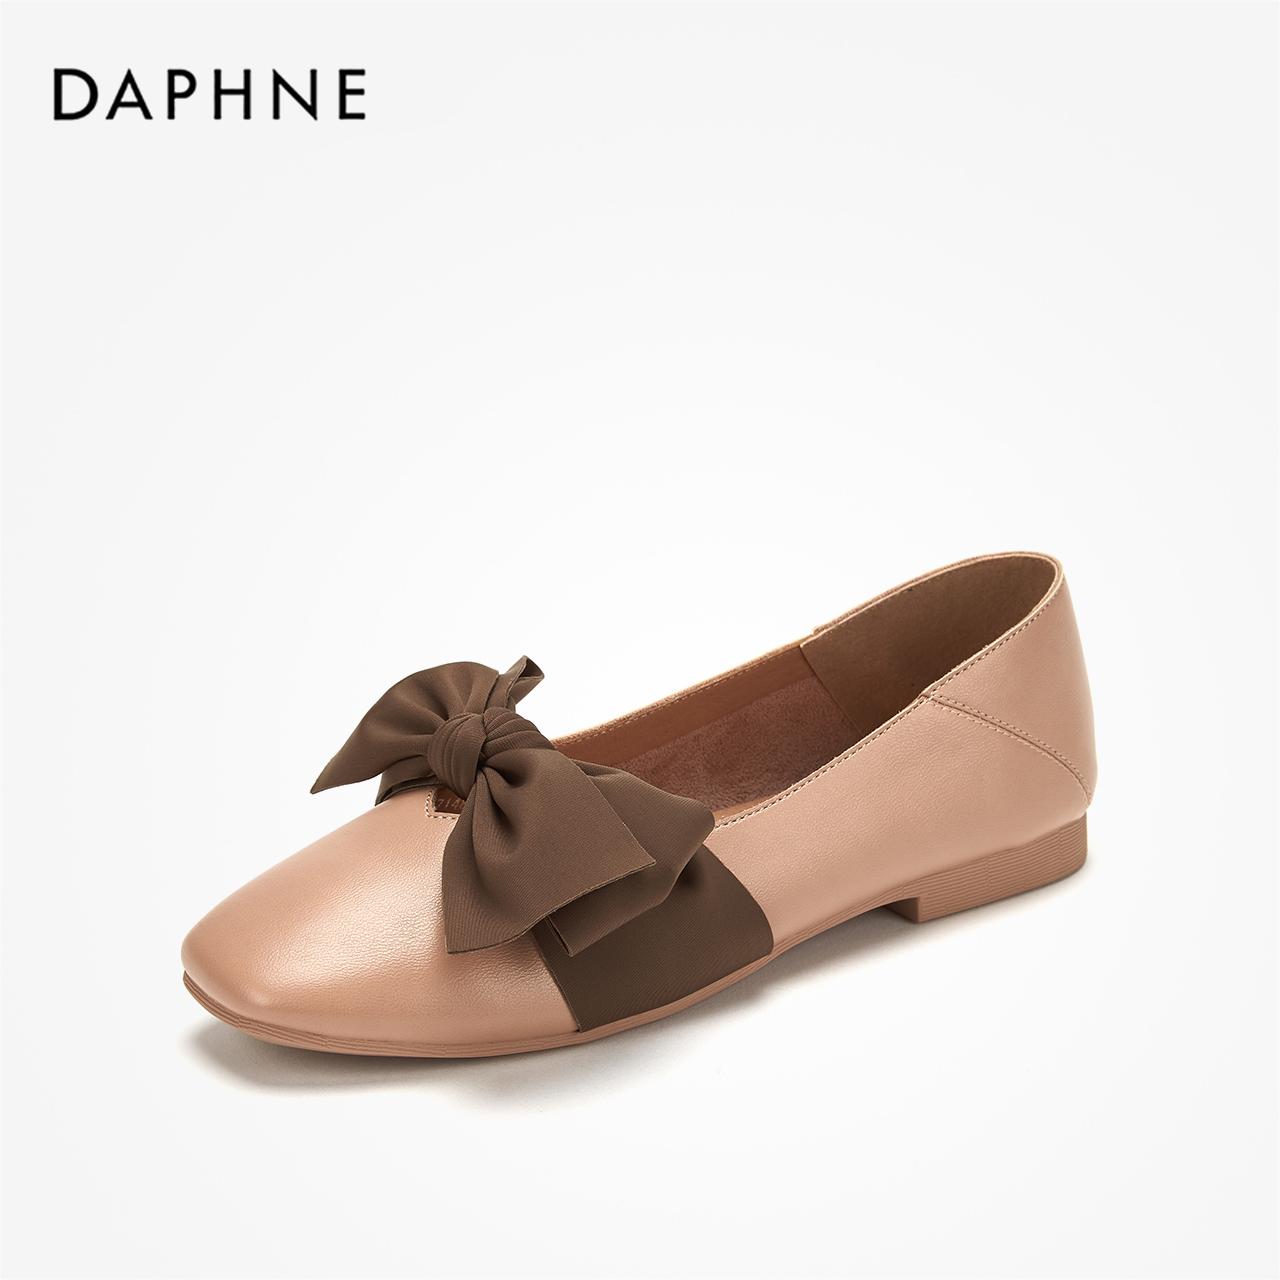 达芙妮复古低跟方头奶奶鞋